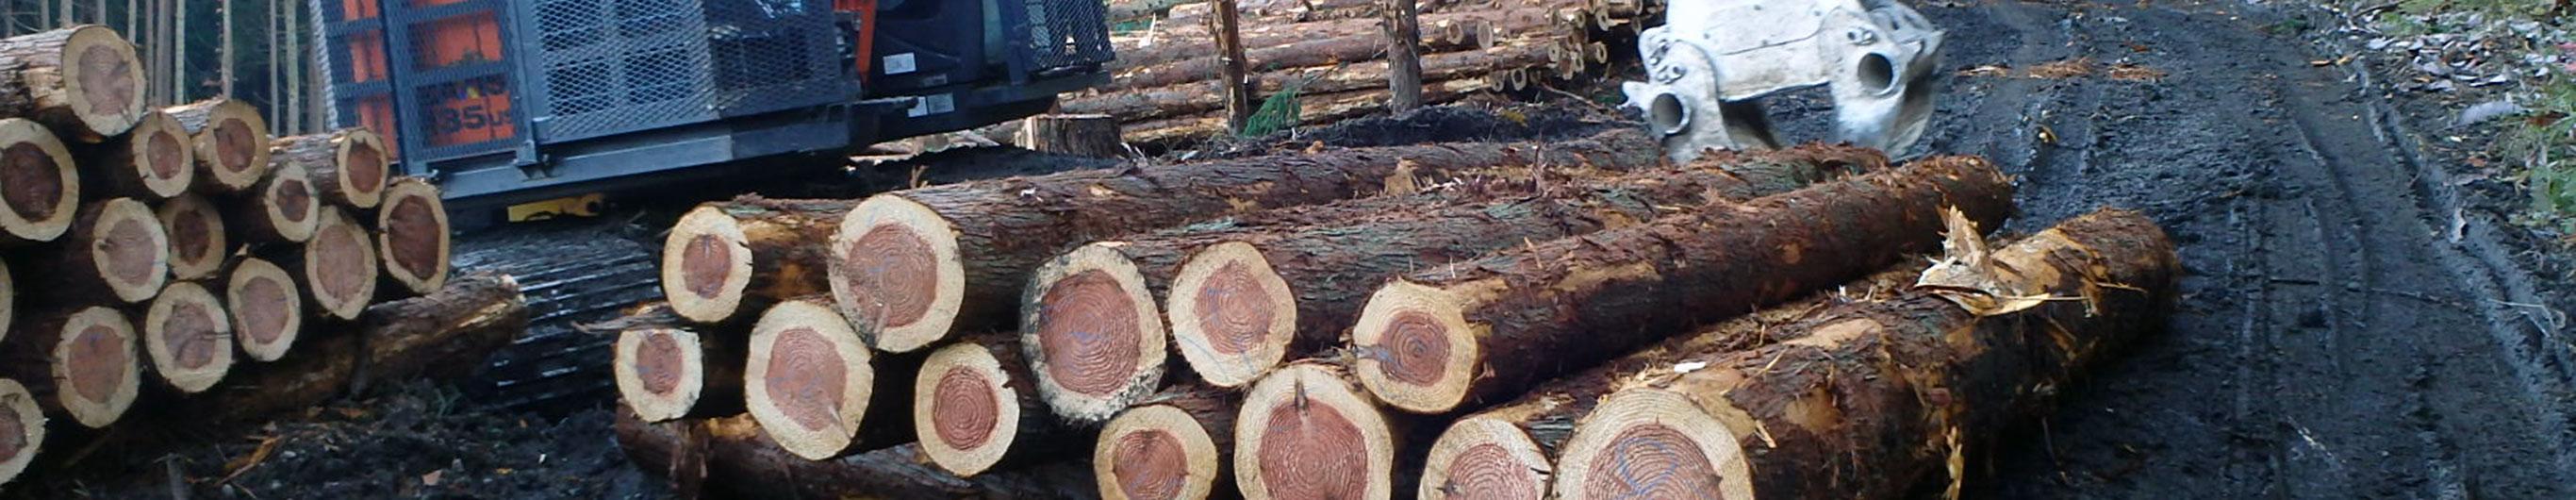 秋田での林産事業